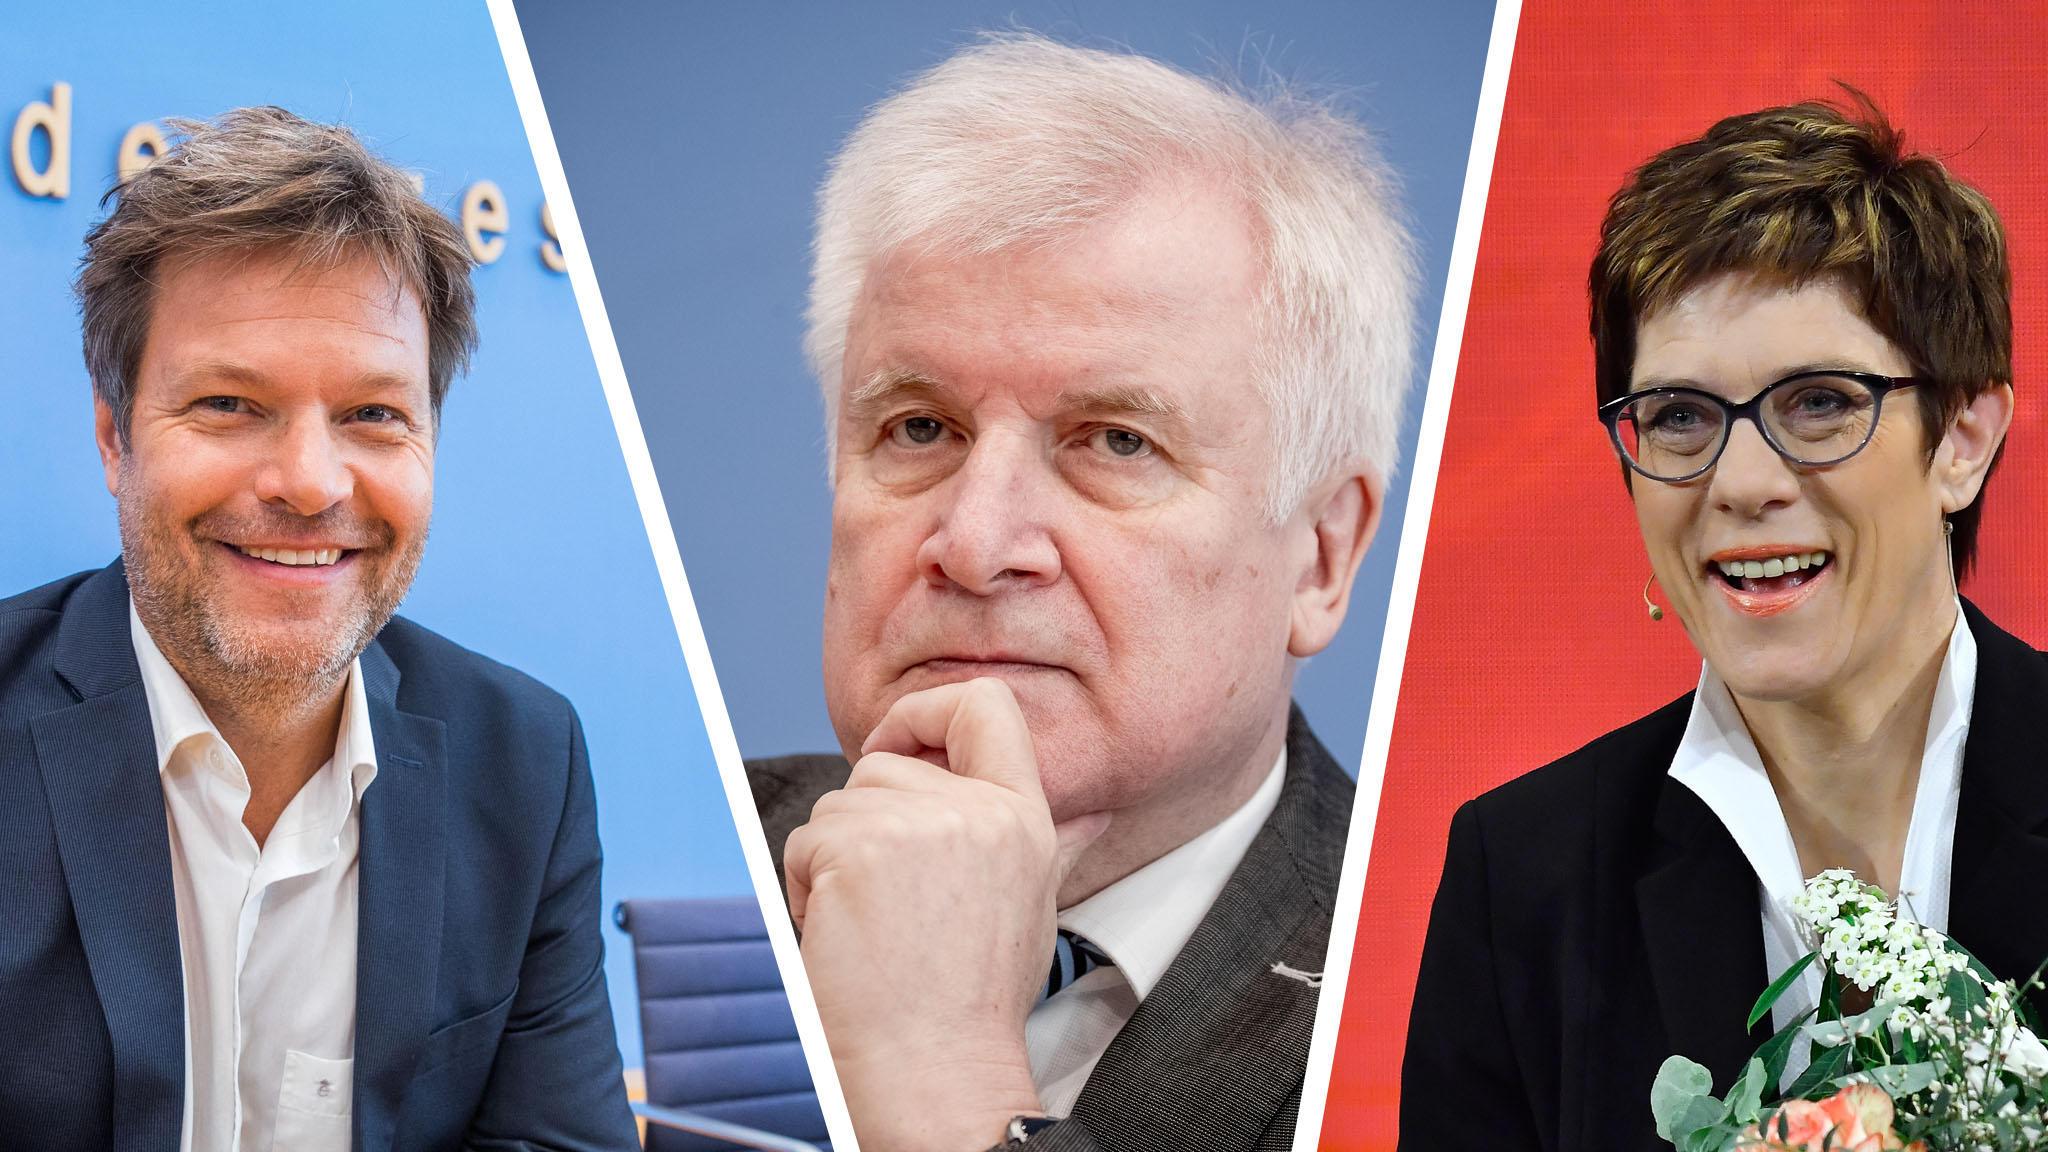 Politischen Gewinner und Verlierer 2018: Wer aufstieg, abstürzte - und die SPD alt aussehen ließ